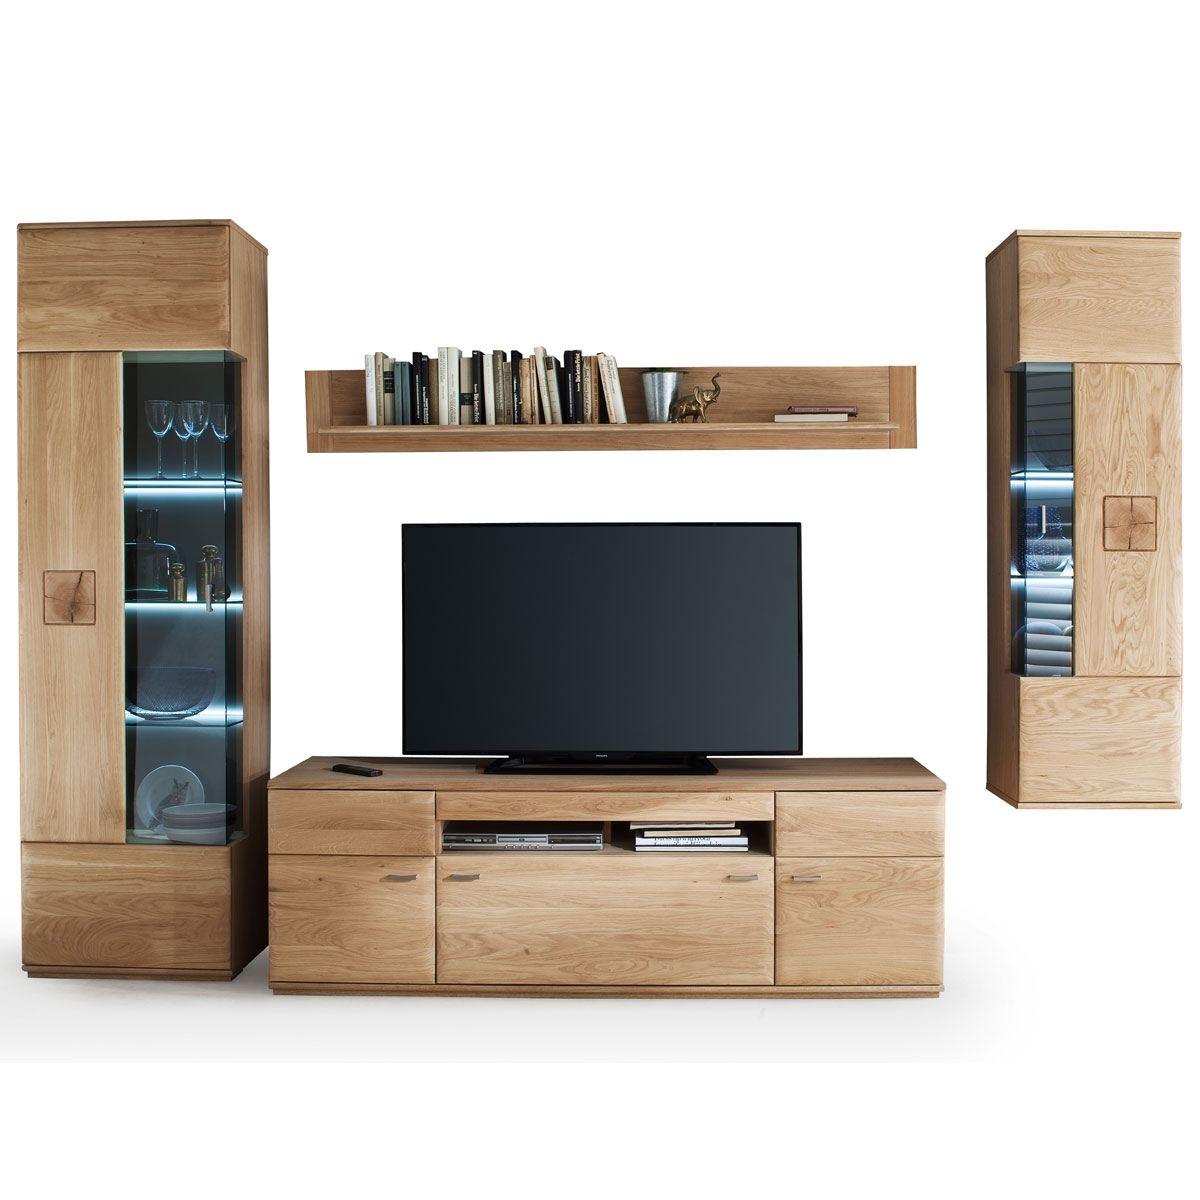 kostenlose lieferung ins deutsche festland mca furniture bologna wohnwand 2 art nr bol11w02 oberflache geolt front eiche bianco massivholz